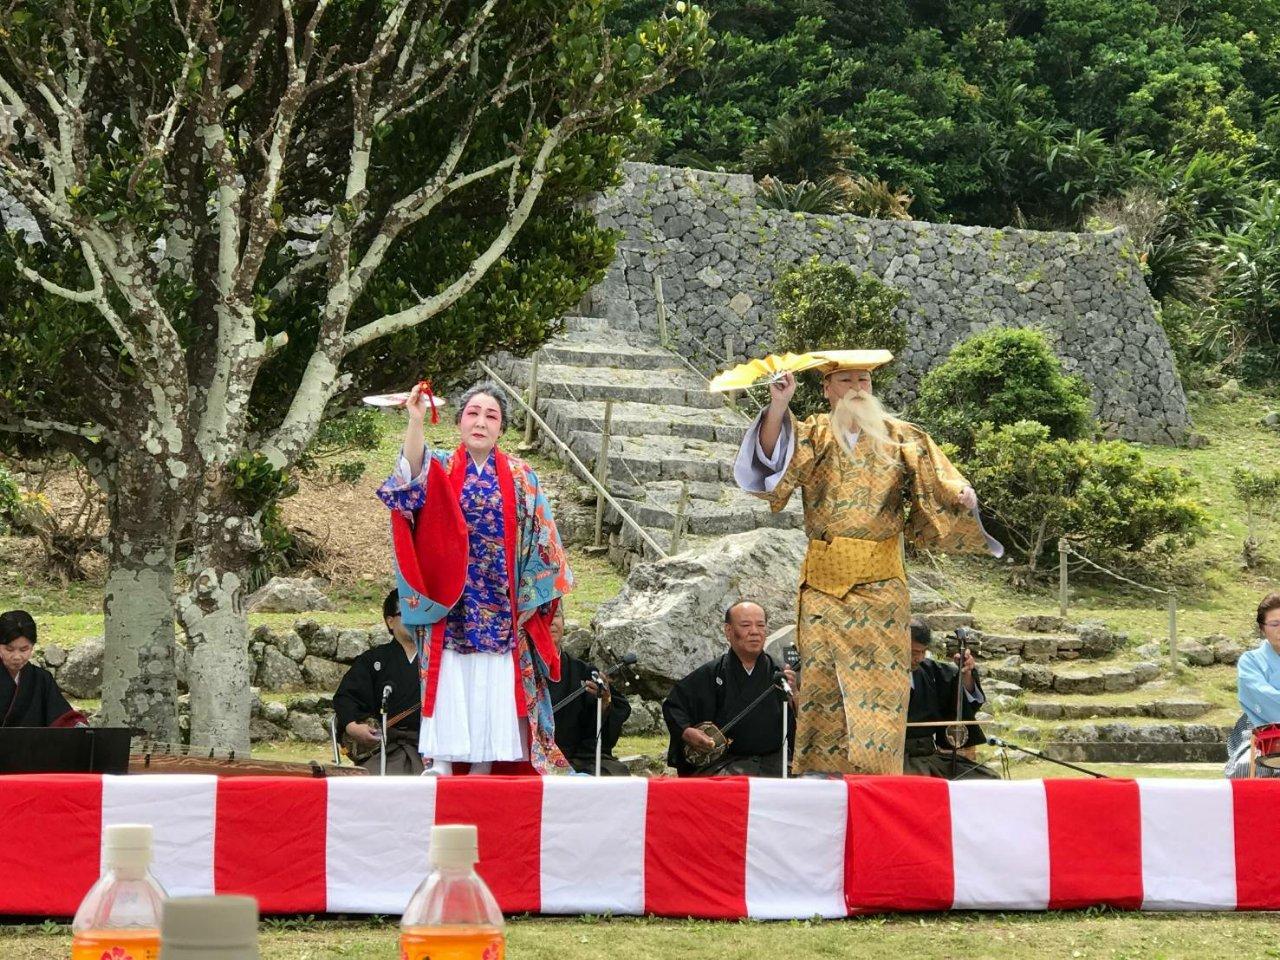 伊是名島の伝統行事「公事清明祭」(クージヌシーミ)